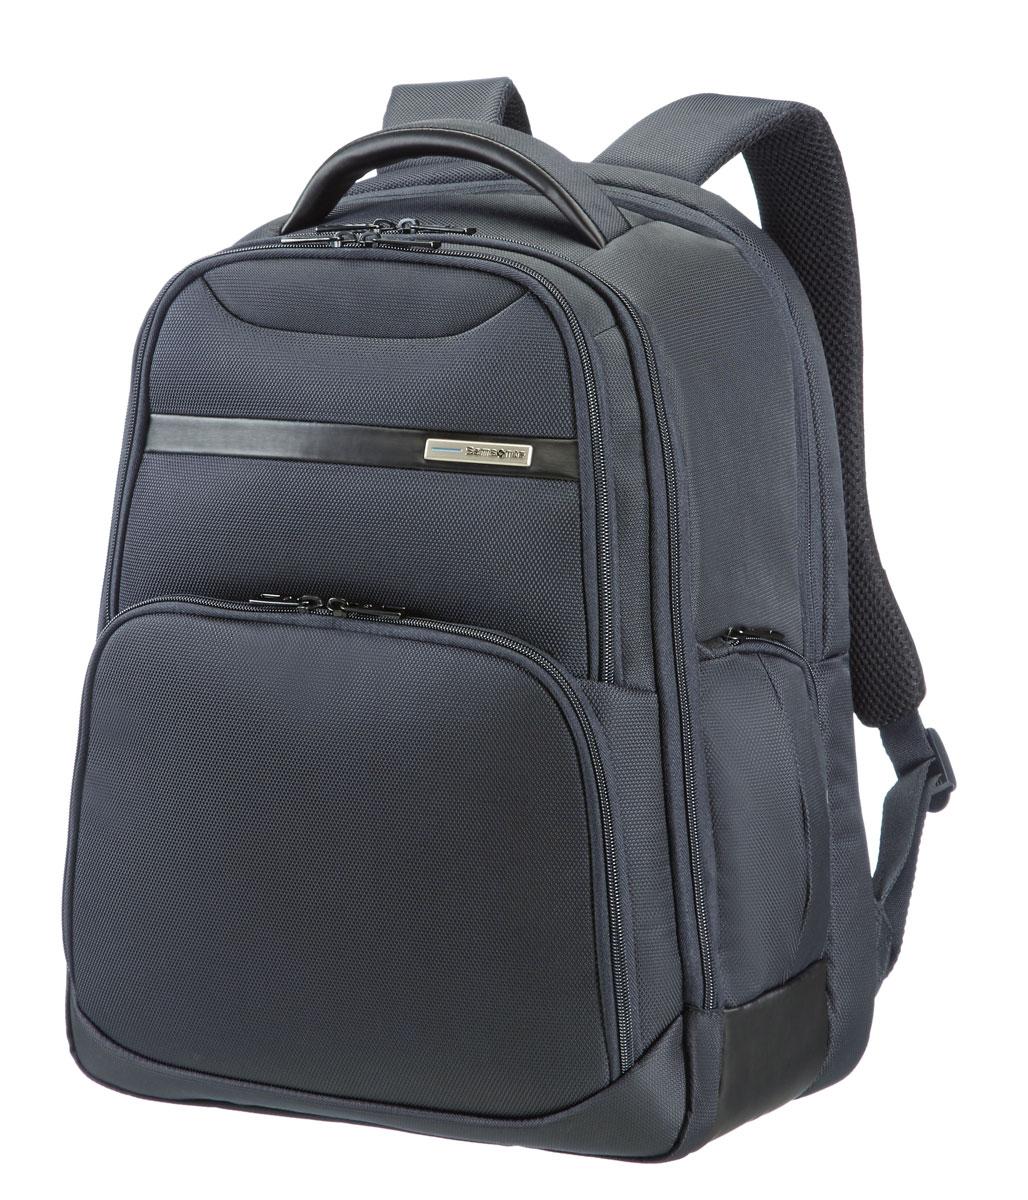 Рюкзак для ноутбука Samsonite, цвет: черный, 27 л, 33,5 х 25 х 44,5 смZ90 blackСочетание прочного полиэстера и элементов полиуретана с отполированной металлической фурнитурой;потайной карман для хранения; удобные и хорошо организованные модели рюкзаков